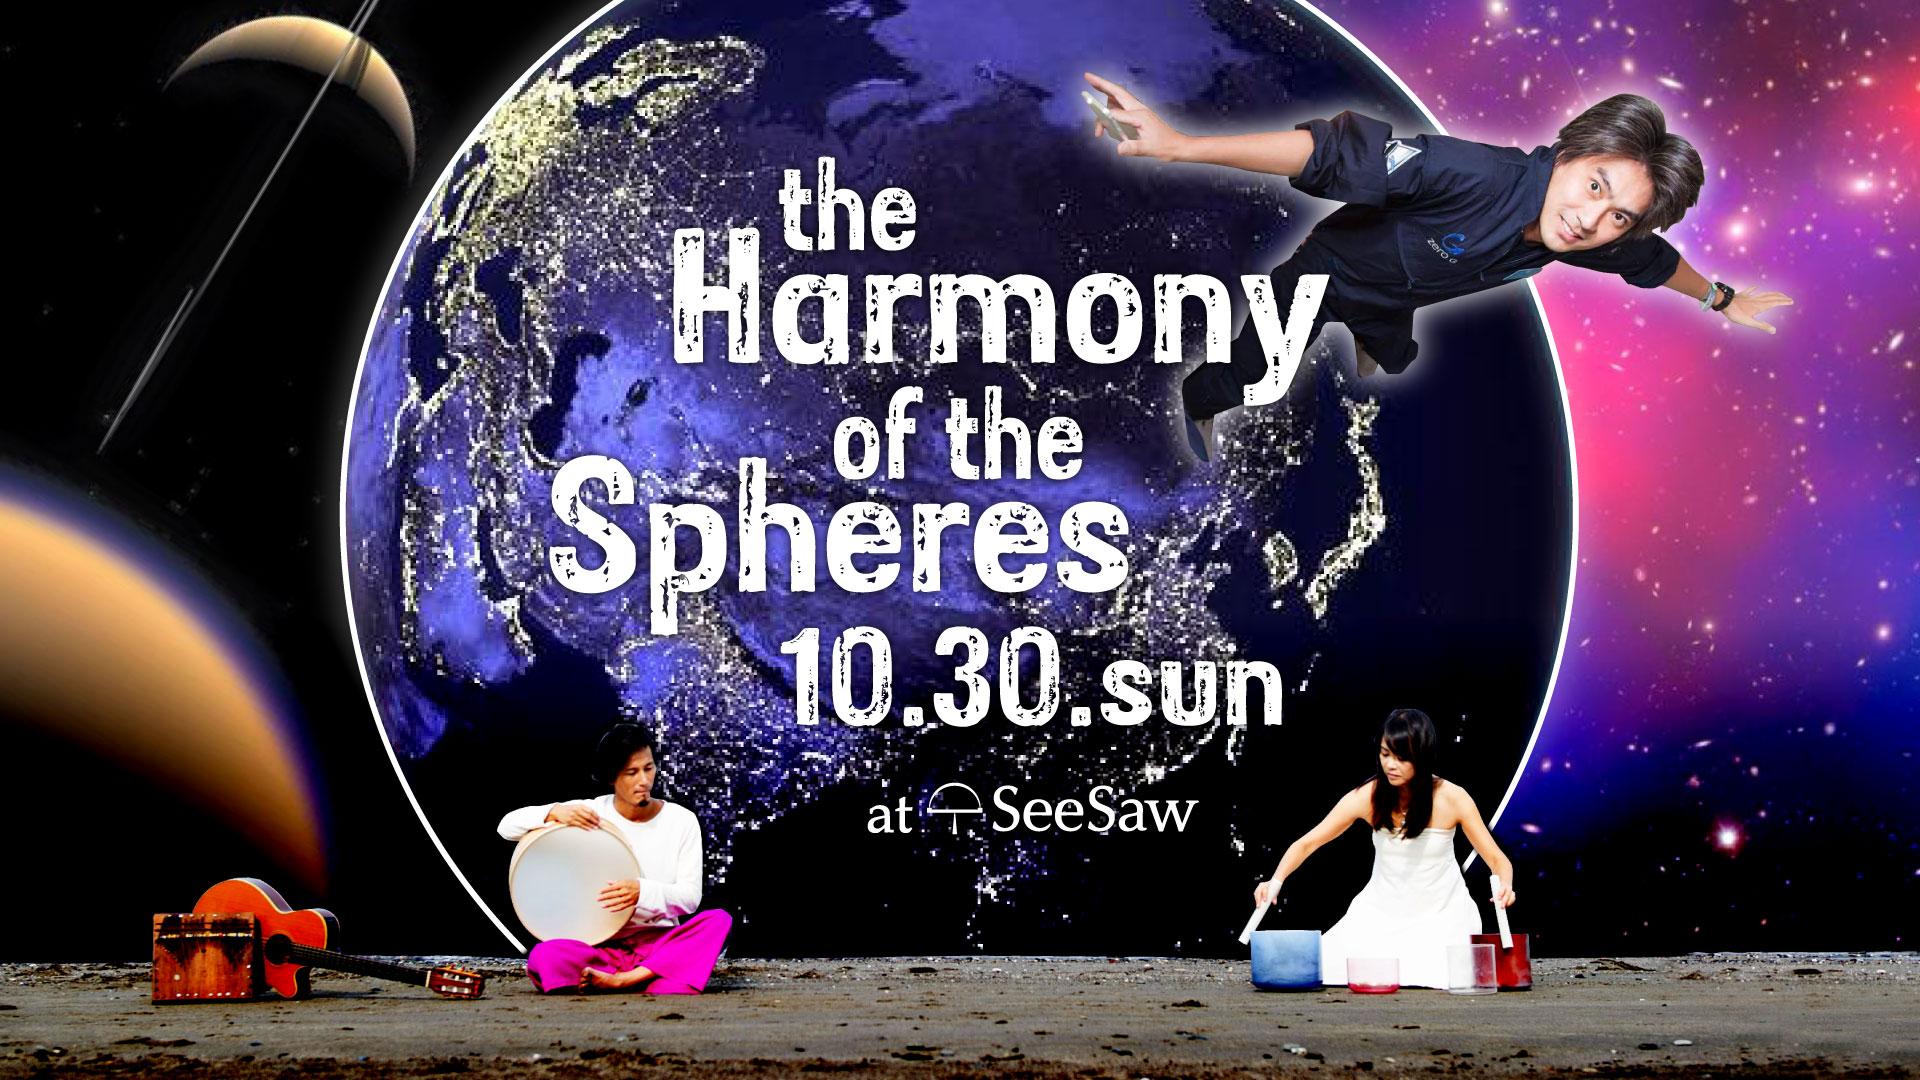 〜The Harmony of the Spheres 〜 宇宙が奏でるハーモニー /映像と音楽で綴る壮大な宇宙の神秘&山崎大地の宇宙トーク!